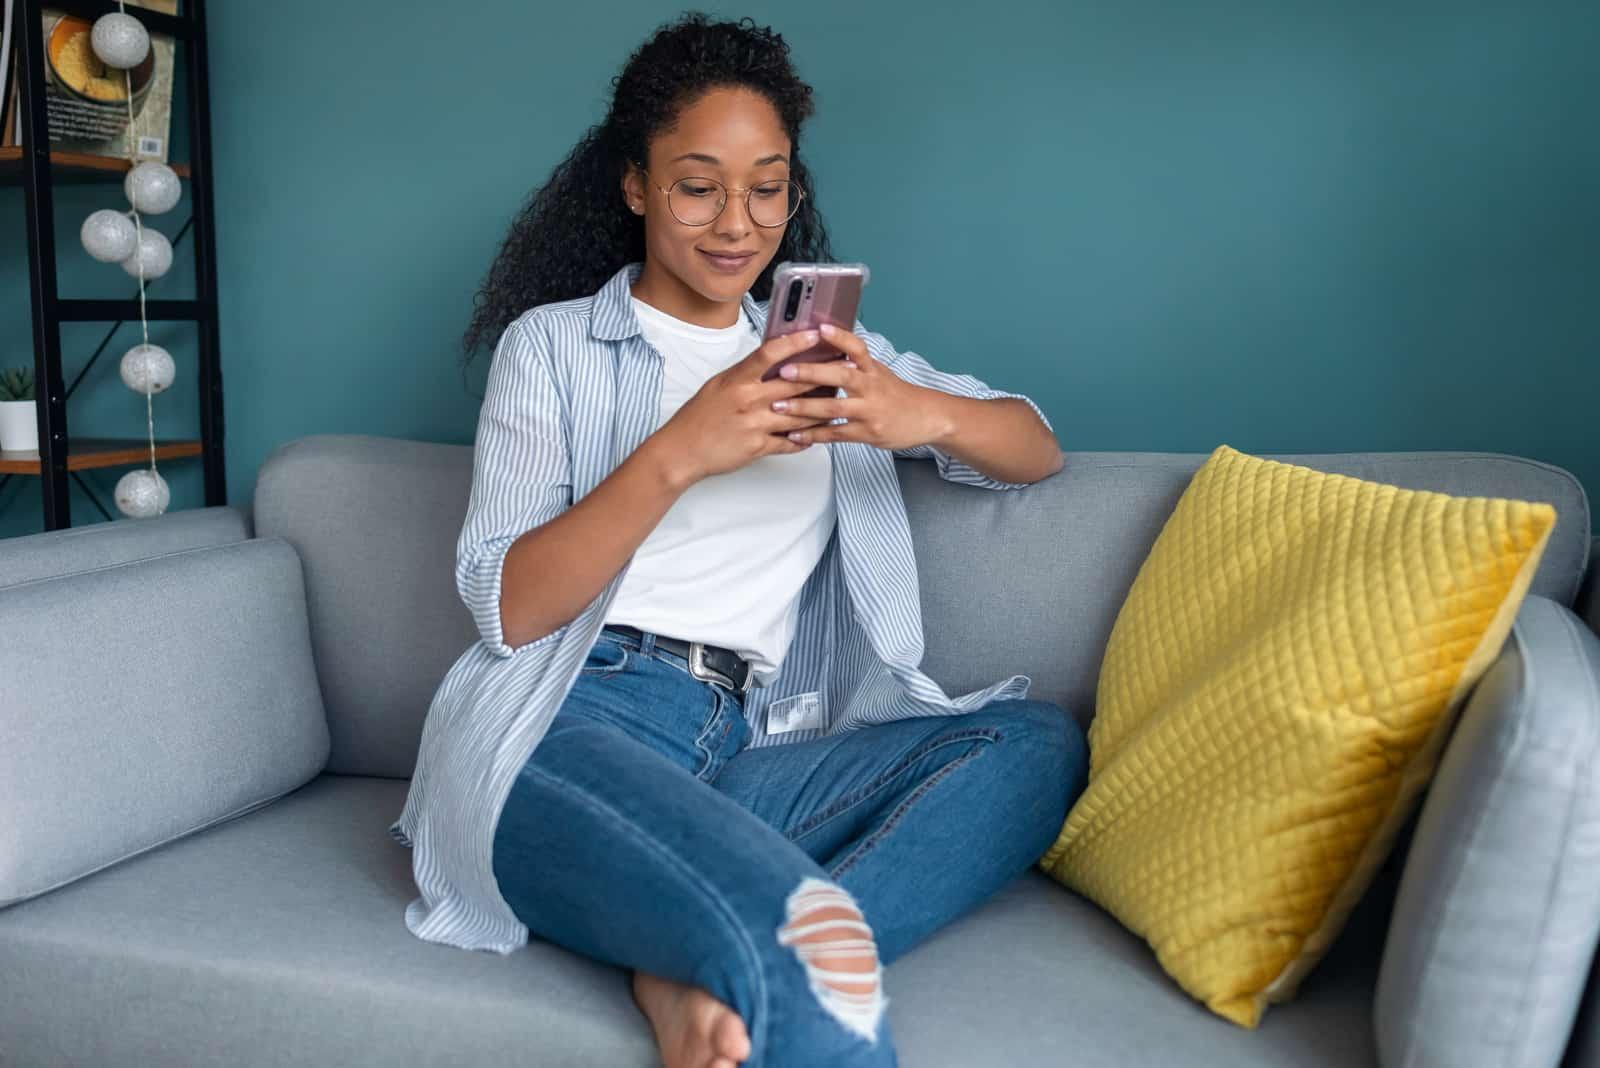 Femme à l'aide de son téléphone portable assis sur un canapé à la maison